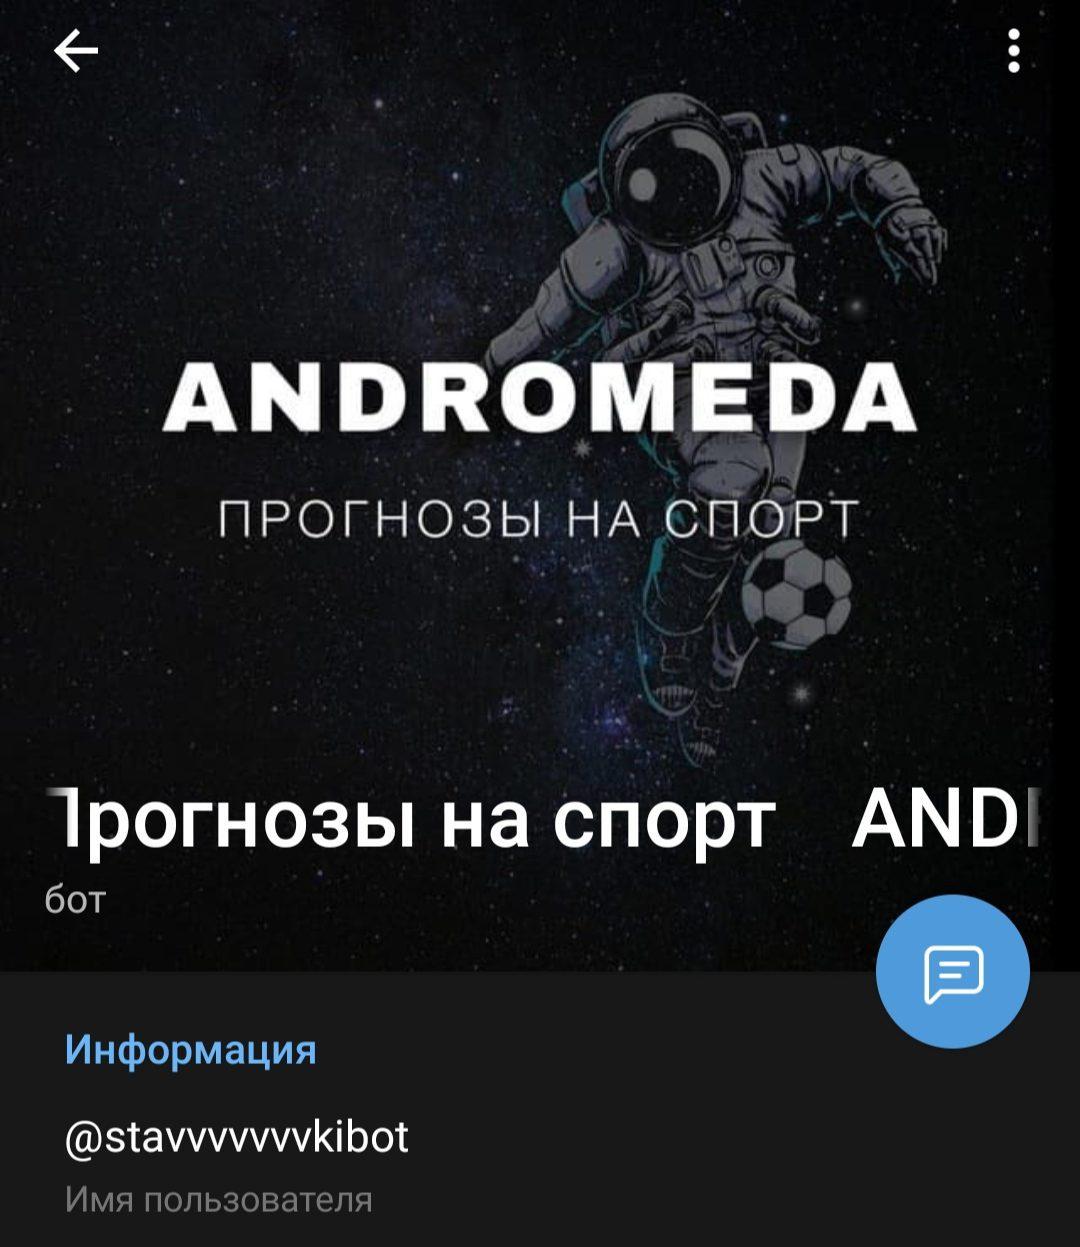 Описание бота Андромеда Телеграмм